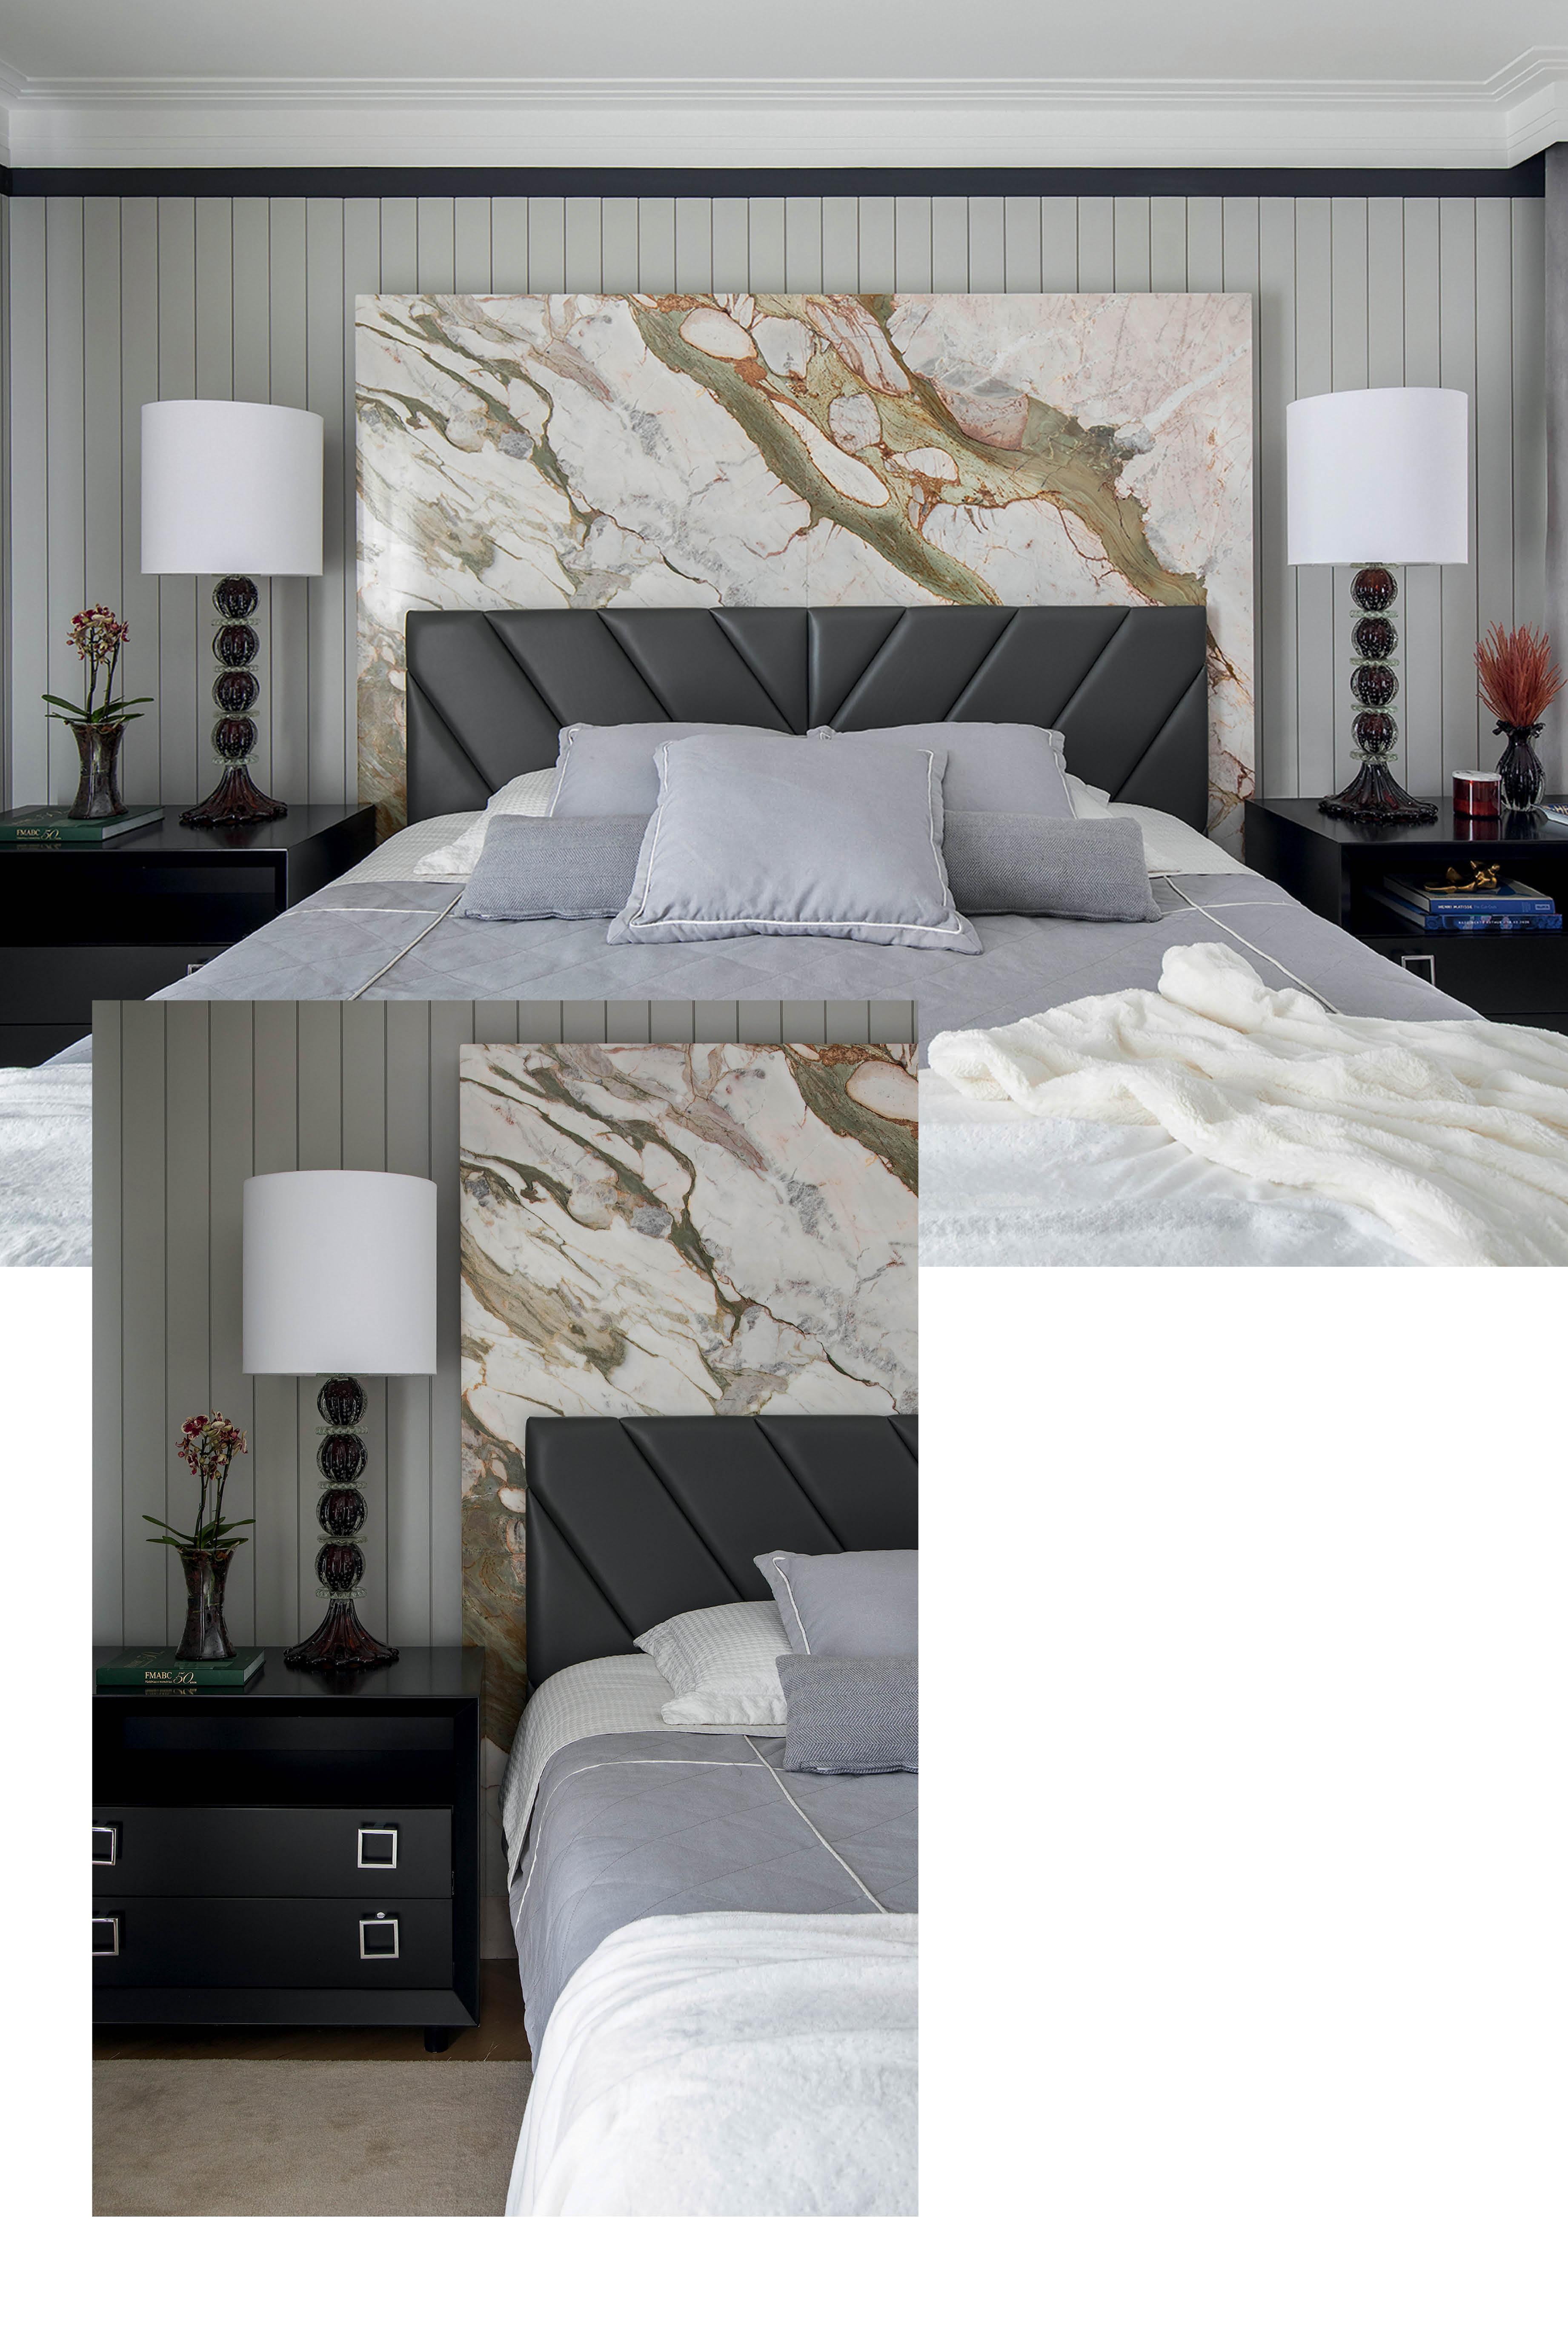 O mármore Branco Paraná, uma pedra com veios bem demarcados, foi a escolha do arquiteto